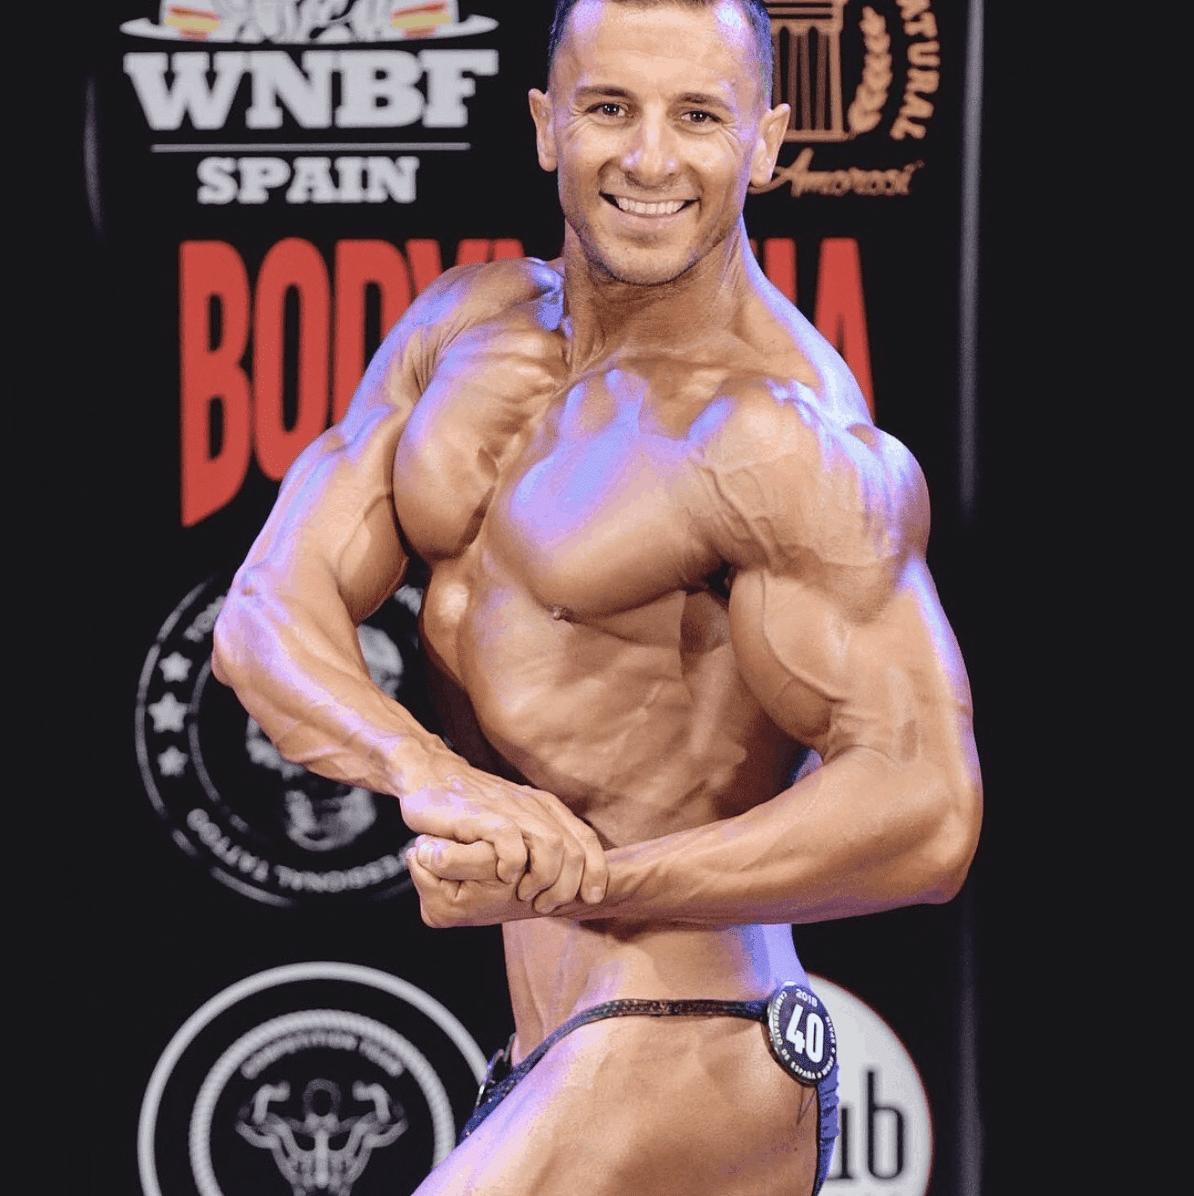 Competidor Pedro Adrover pesos pesados WNBF 2018